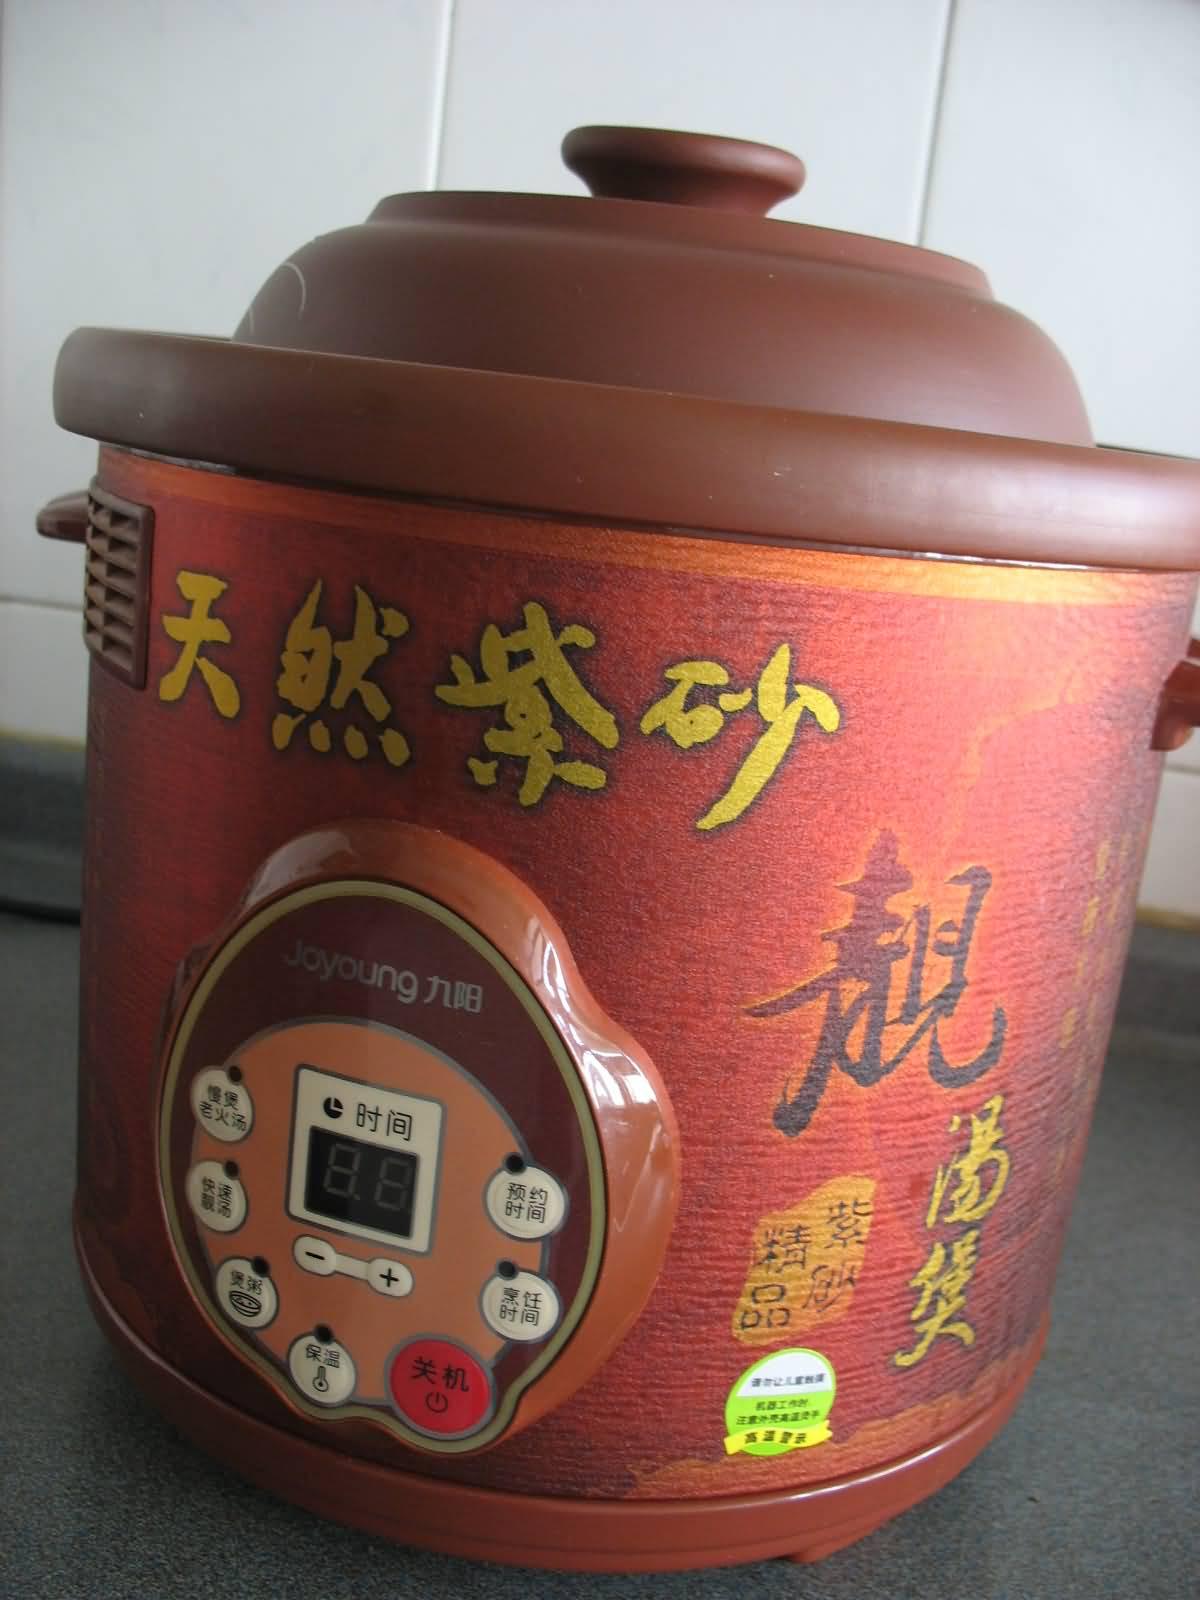 转让尚朋堂电压力锅(赠内胆一个),九阳紫砂锅一个